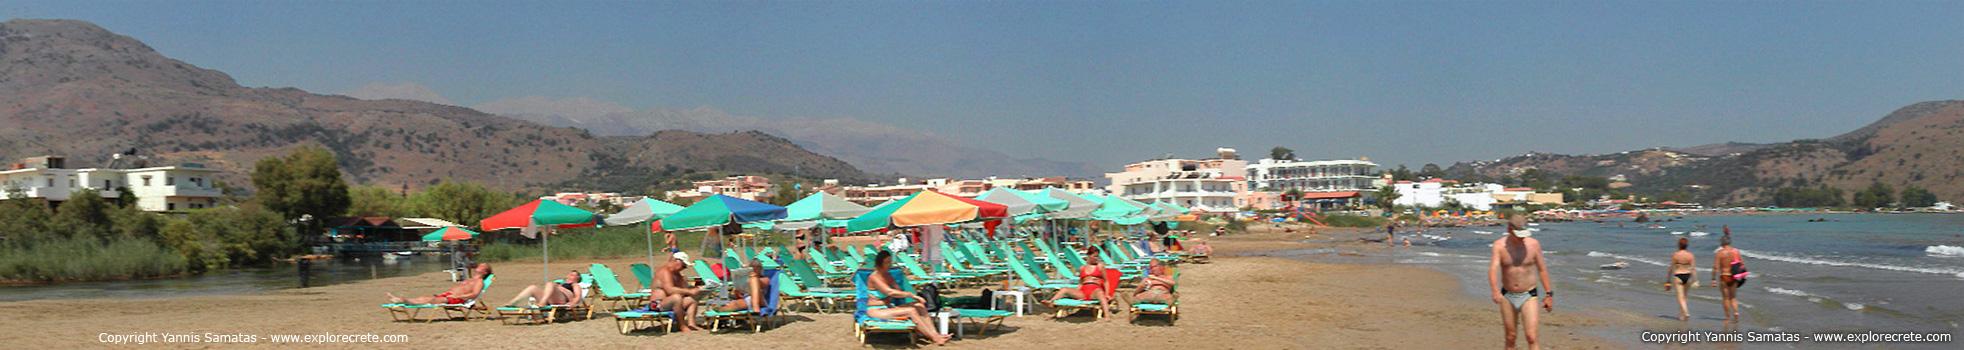 The main beach of Georgioupolis is a